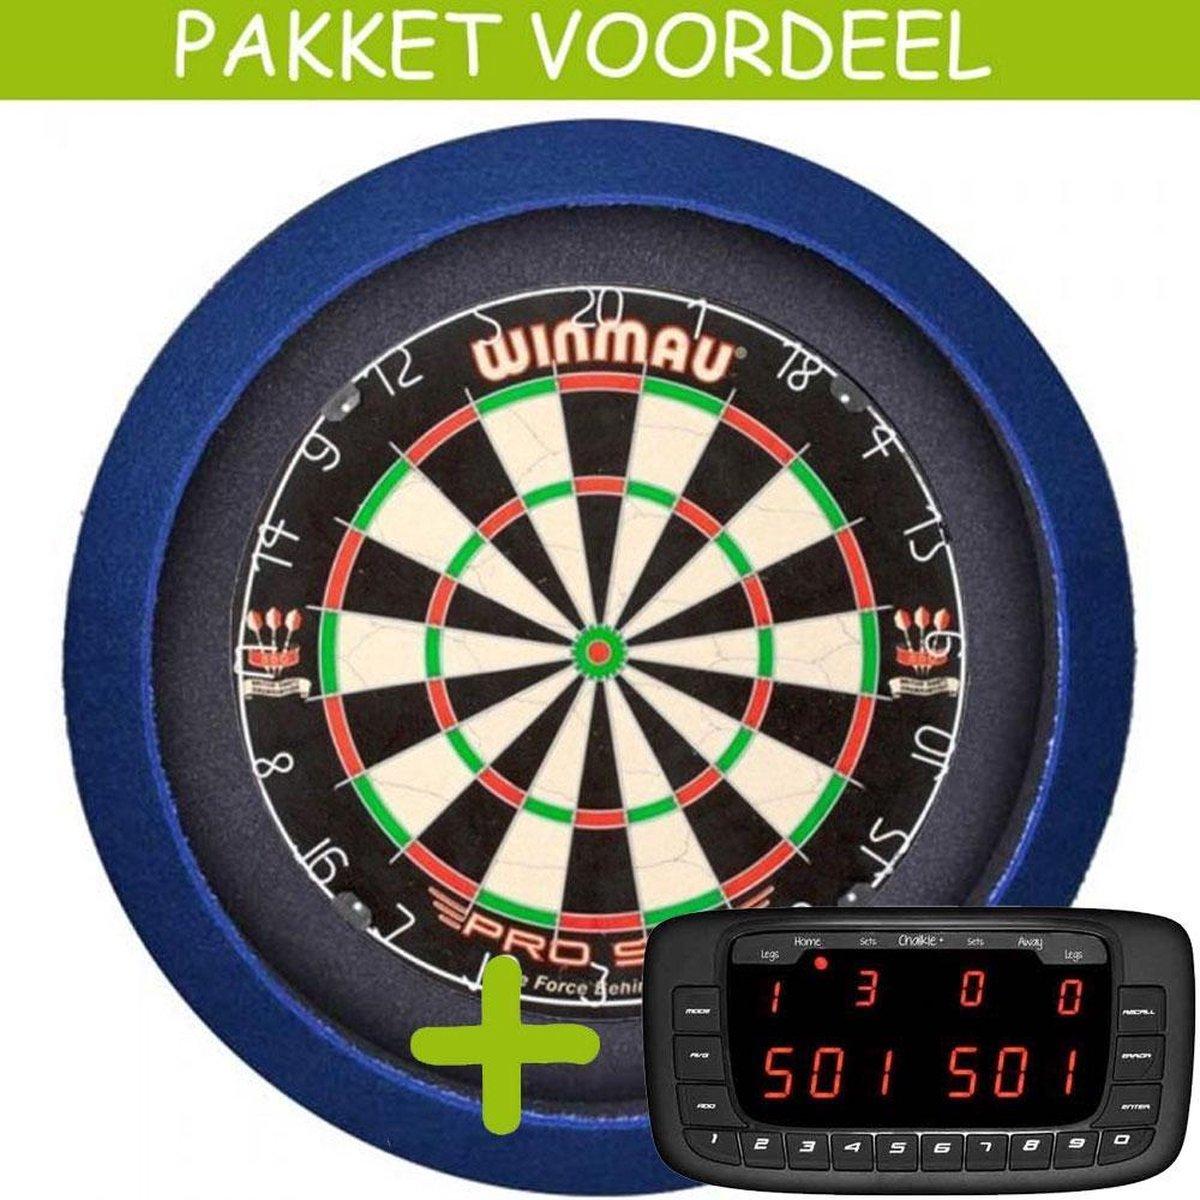 Elektronisch Dart Scorebord VoordeelPakket (Chalkie ) - Pro SFB - Dartbordverlichting Basic (Blauw)